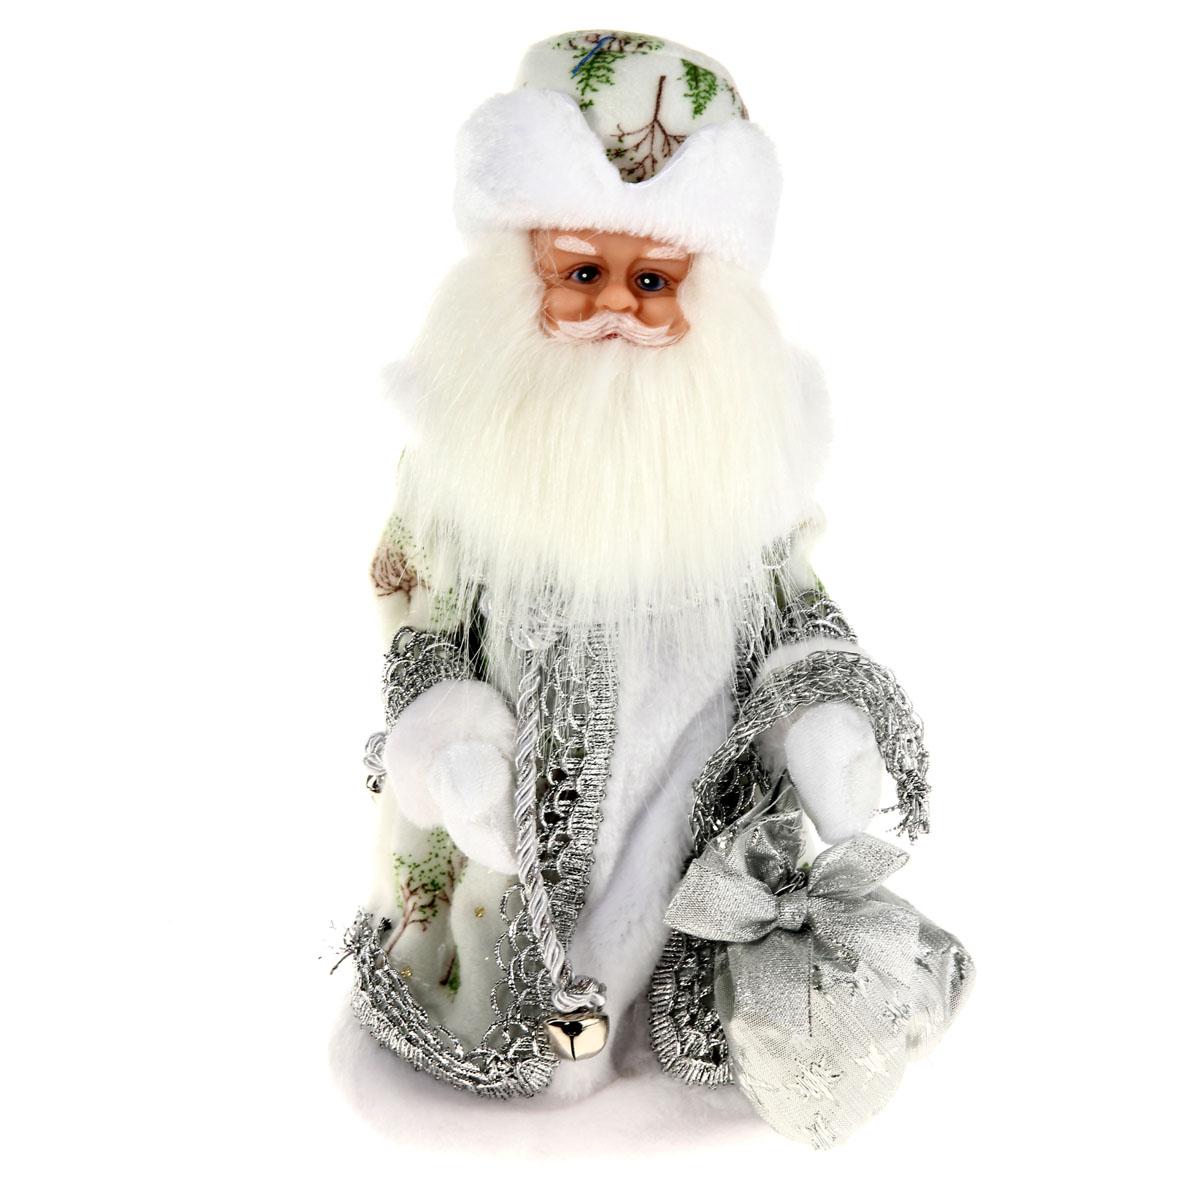 Новогодняя декоративная фигурка Sima-land Дед Мороз, анимированная, высота 28 см. 827841 игровые фигурки maxitoys фигура дед мороз в плетеном кресле музыкальный